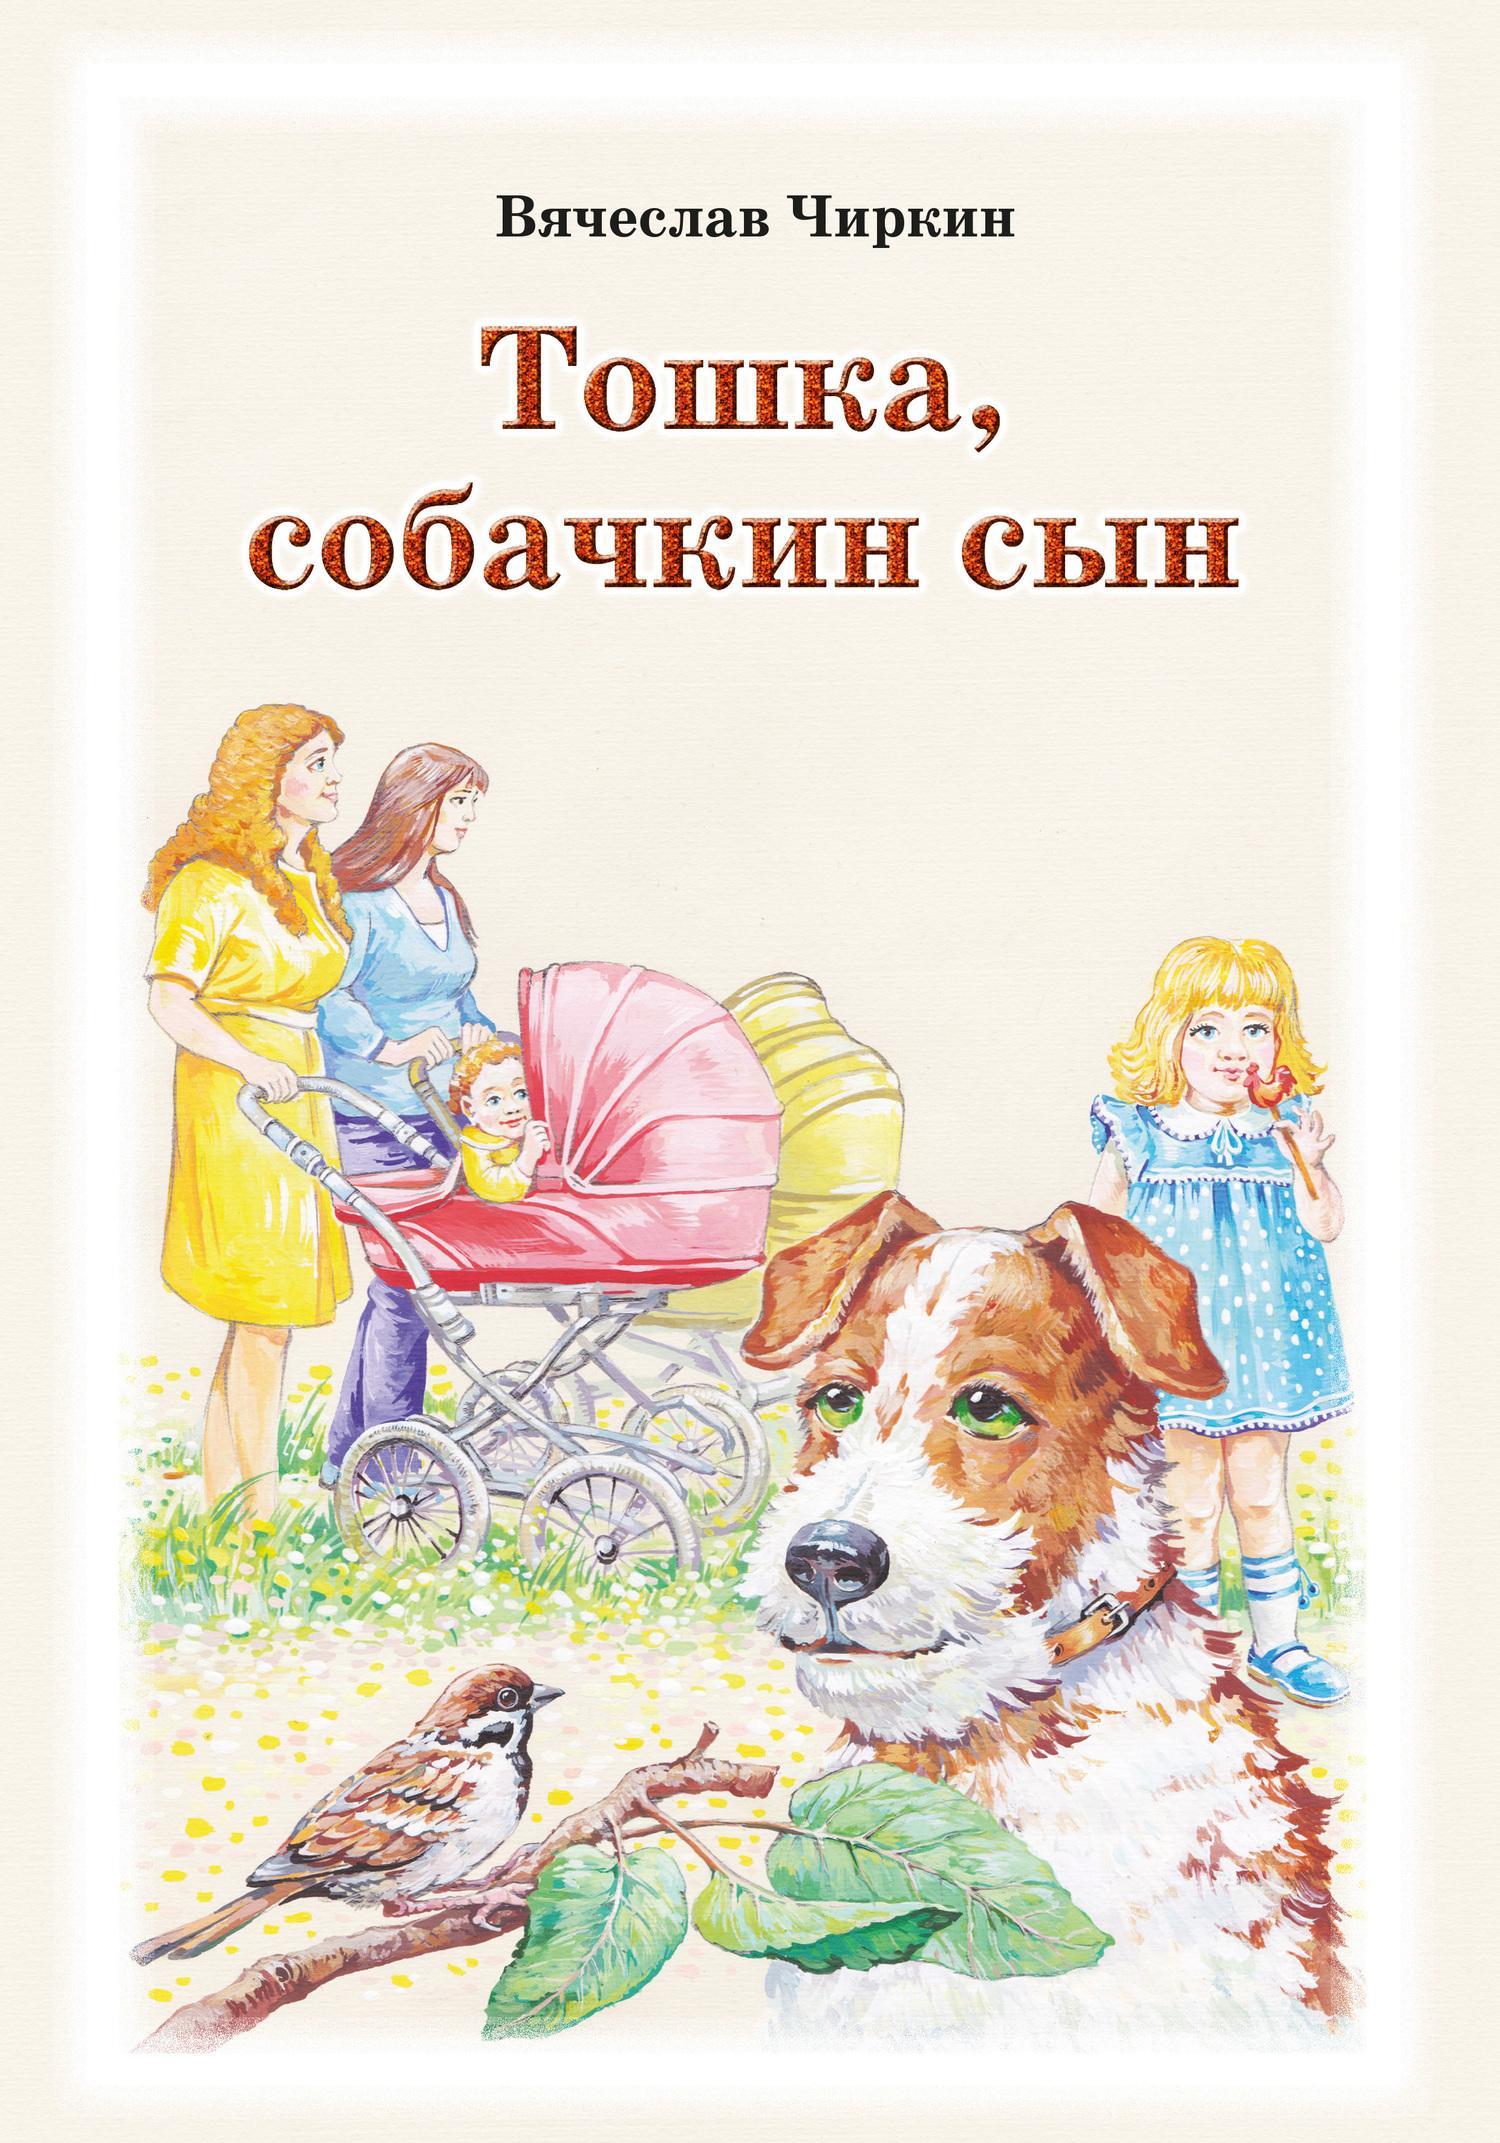 Вячеслав Чиркин бесплатно